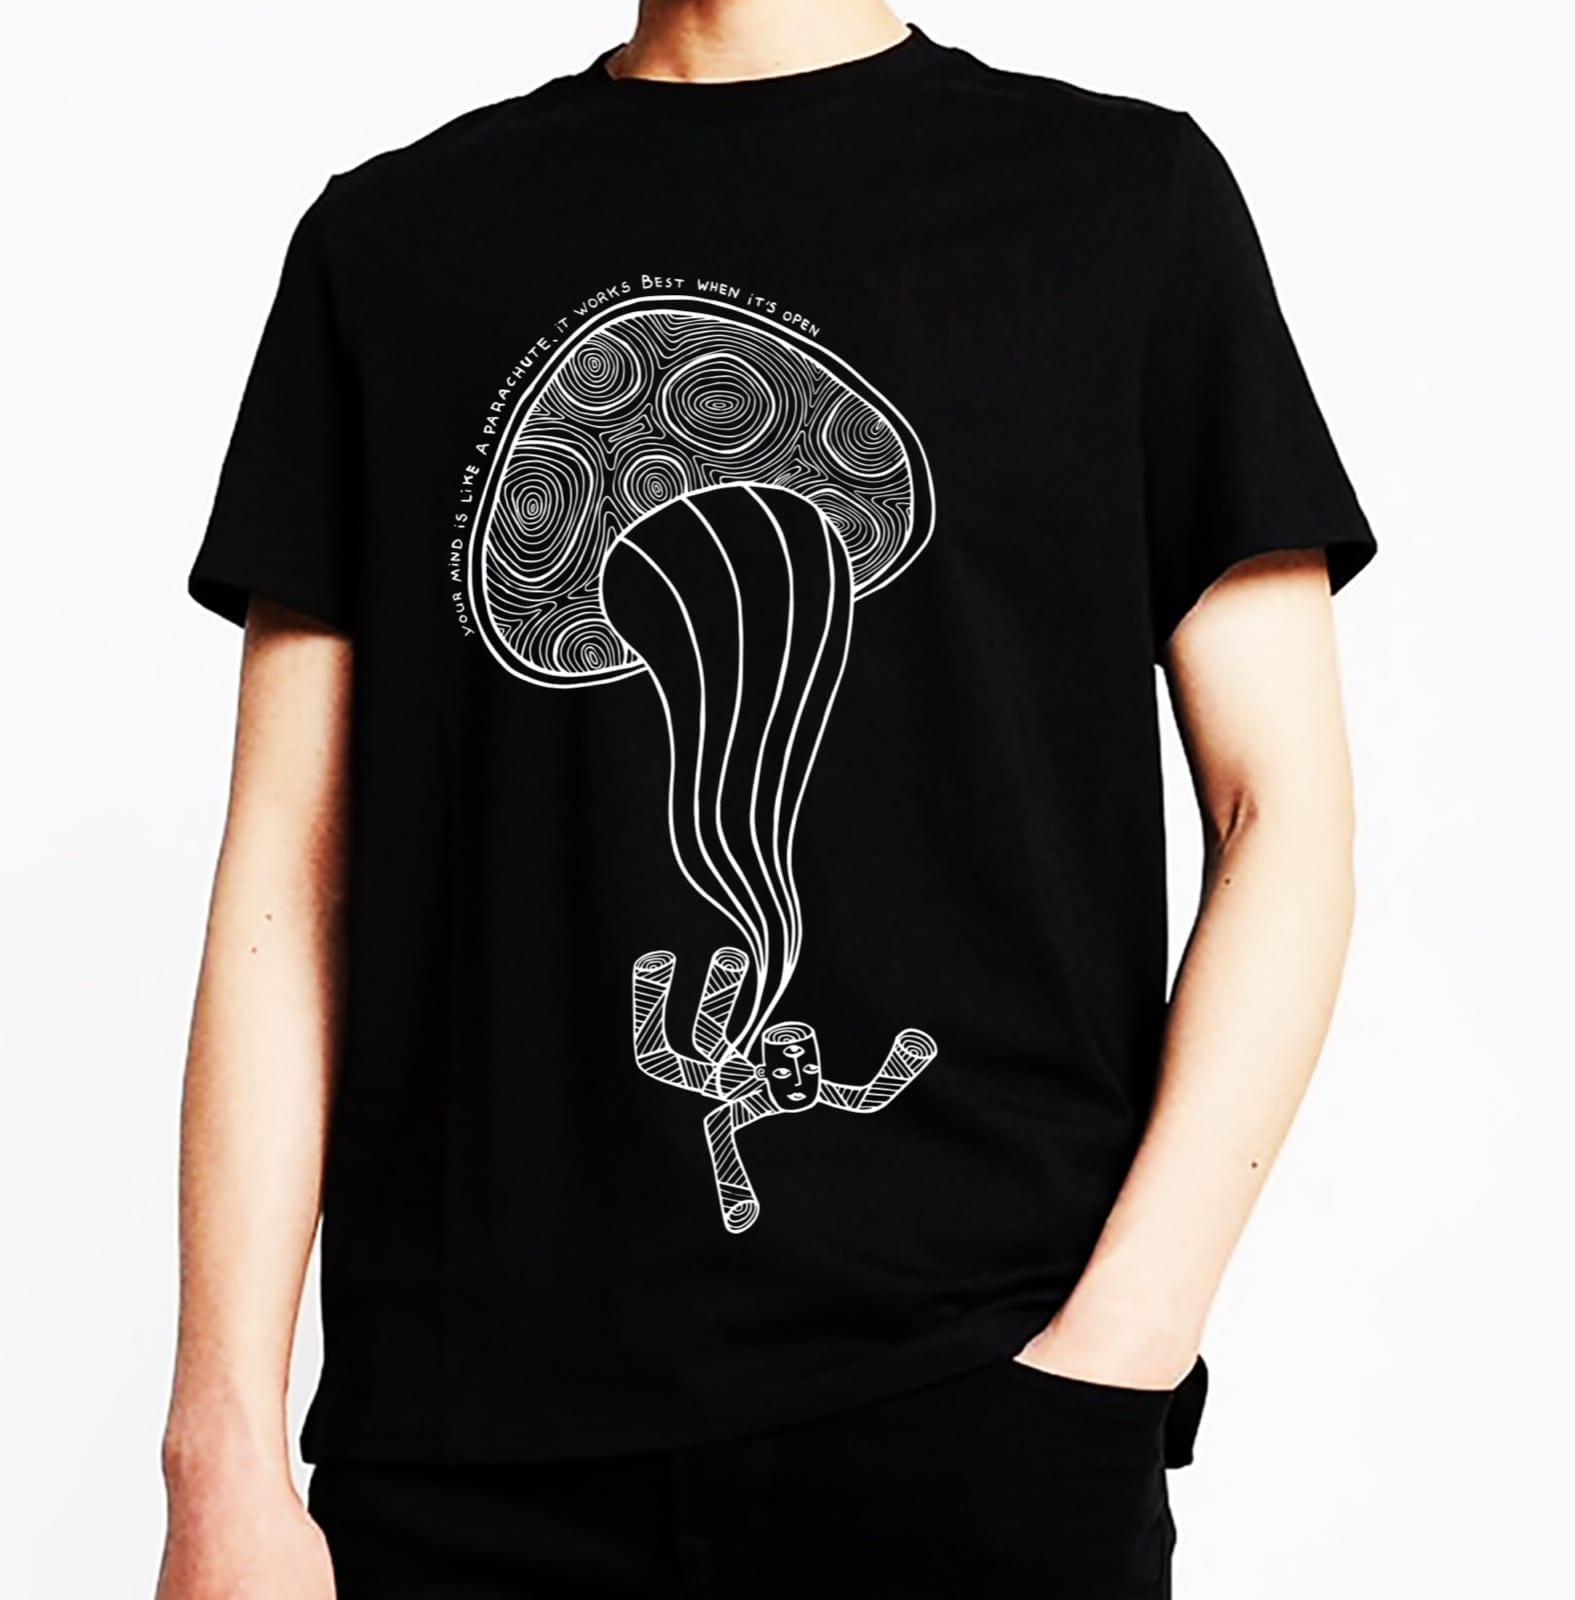 VLOS shirt